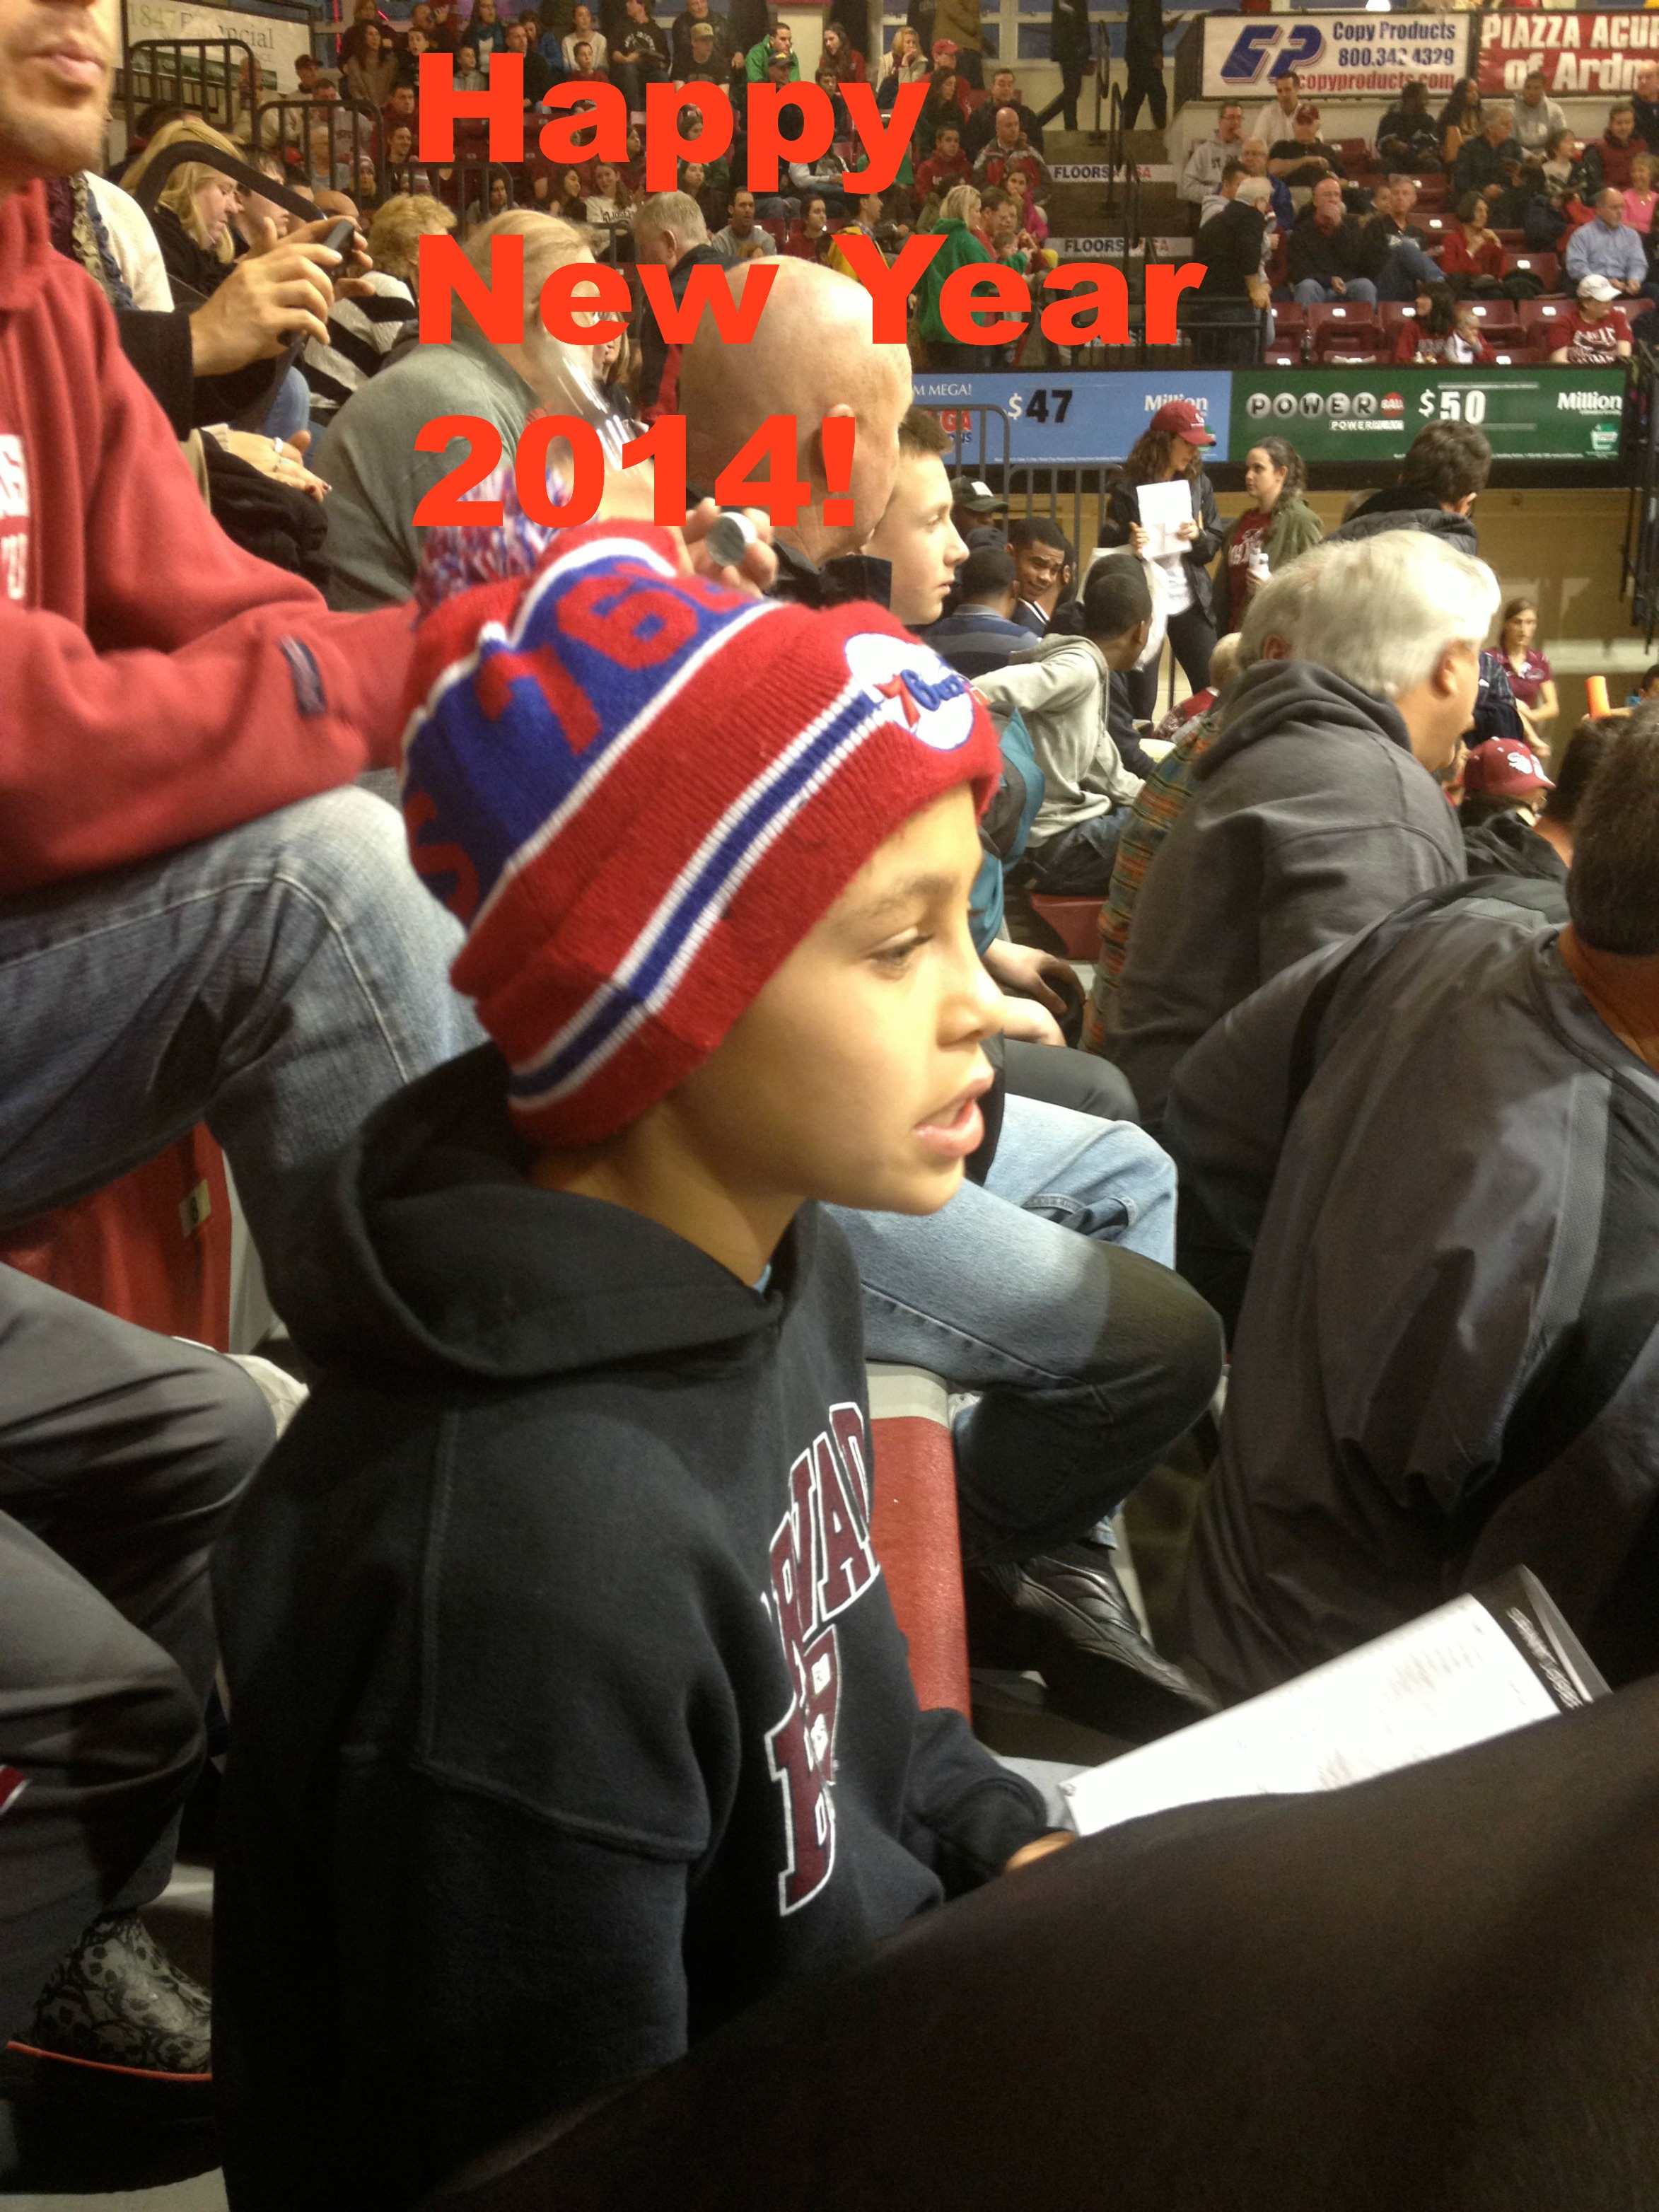 My son at St. Josephs v. Boston U. basketball game